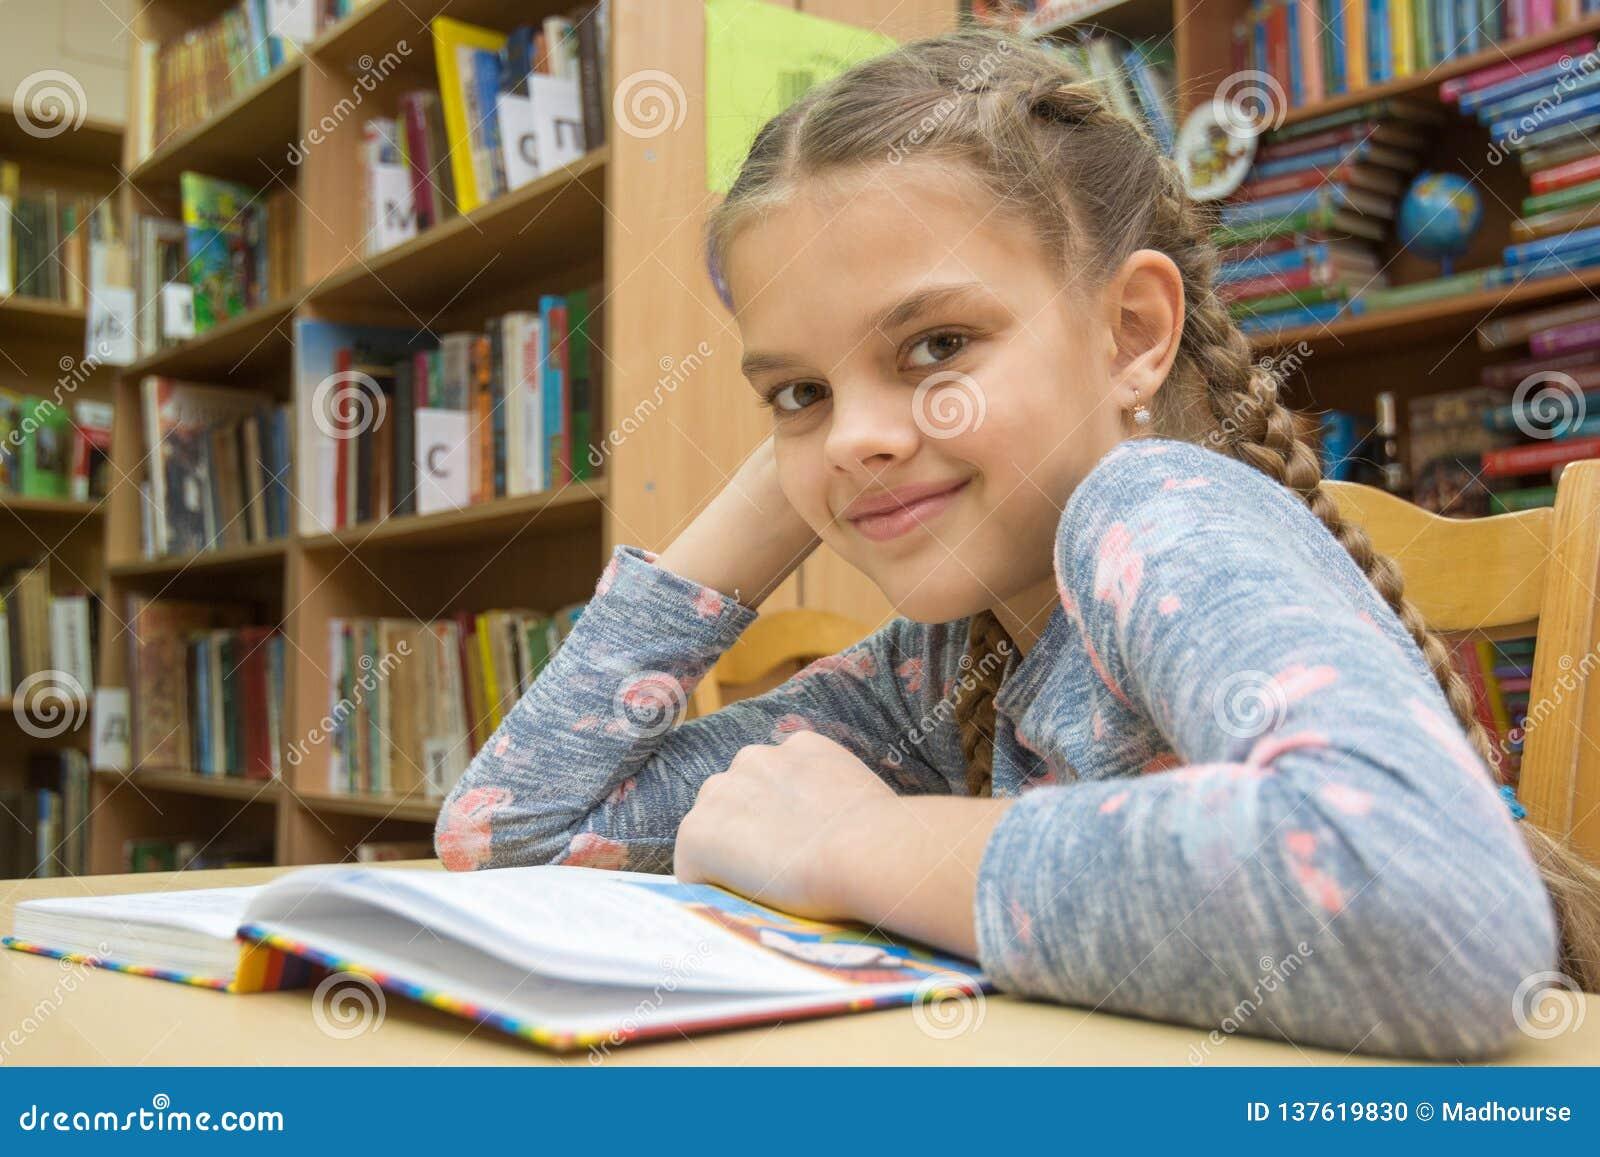 Een meisje van tien jaar brengt tijd in de bibliotheek door